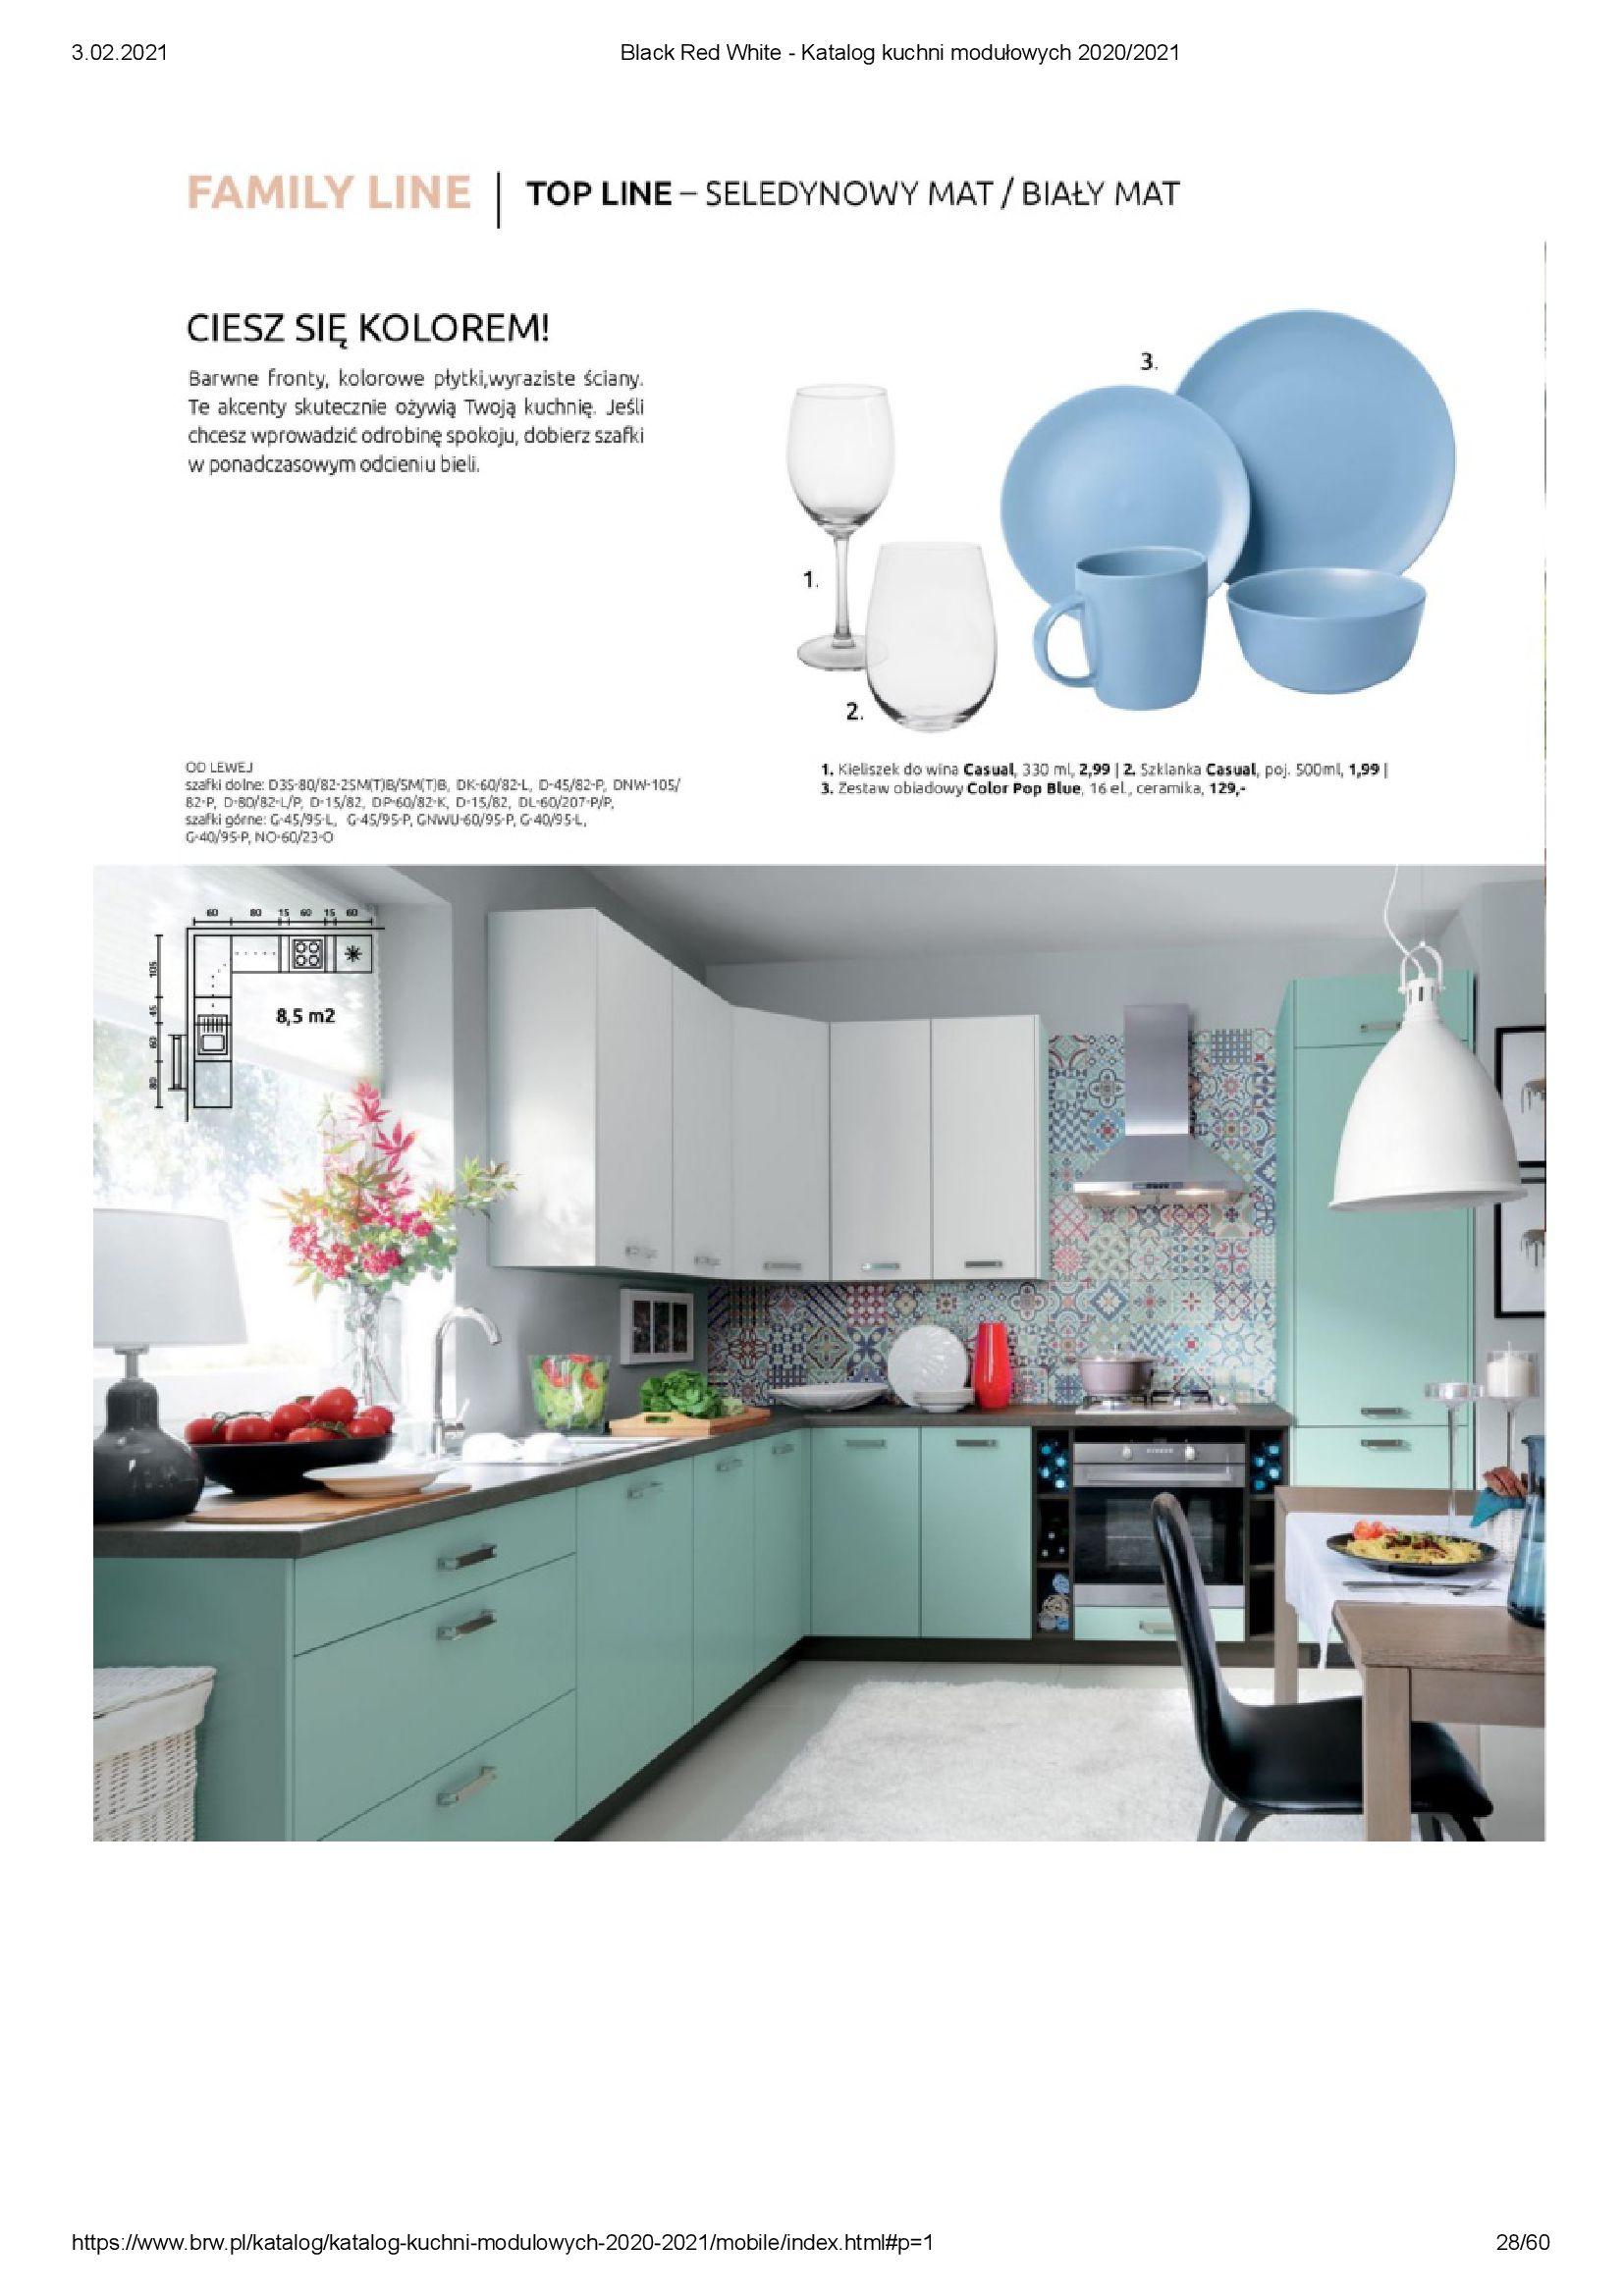 Gazetka Black Red White: Katalog - Kuchnie modułowe 2020/2021 2021-01-01 page-28